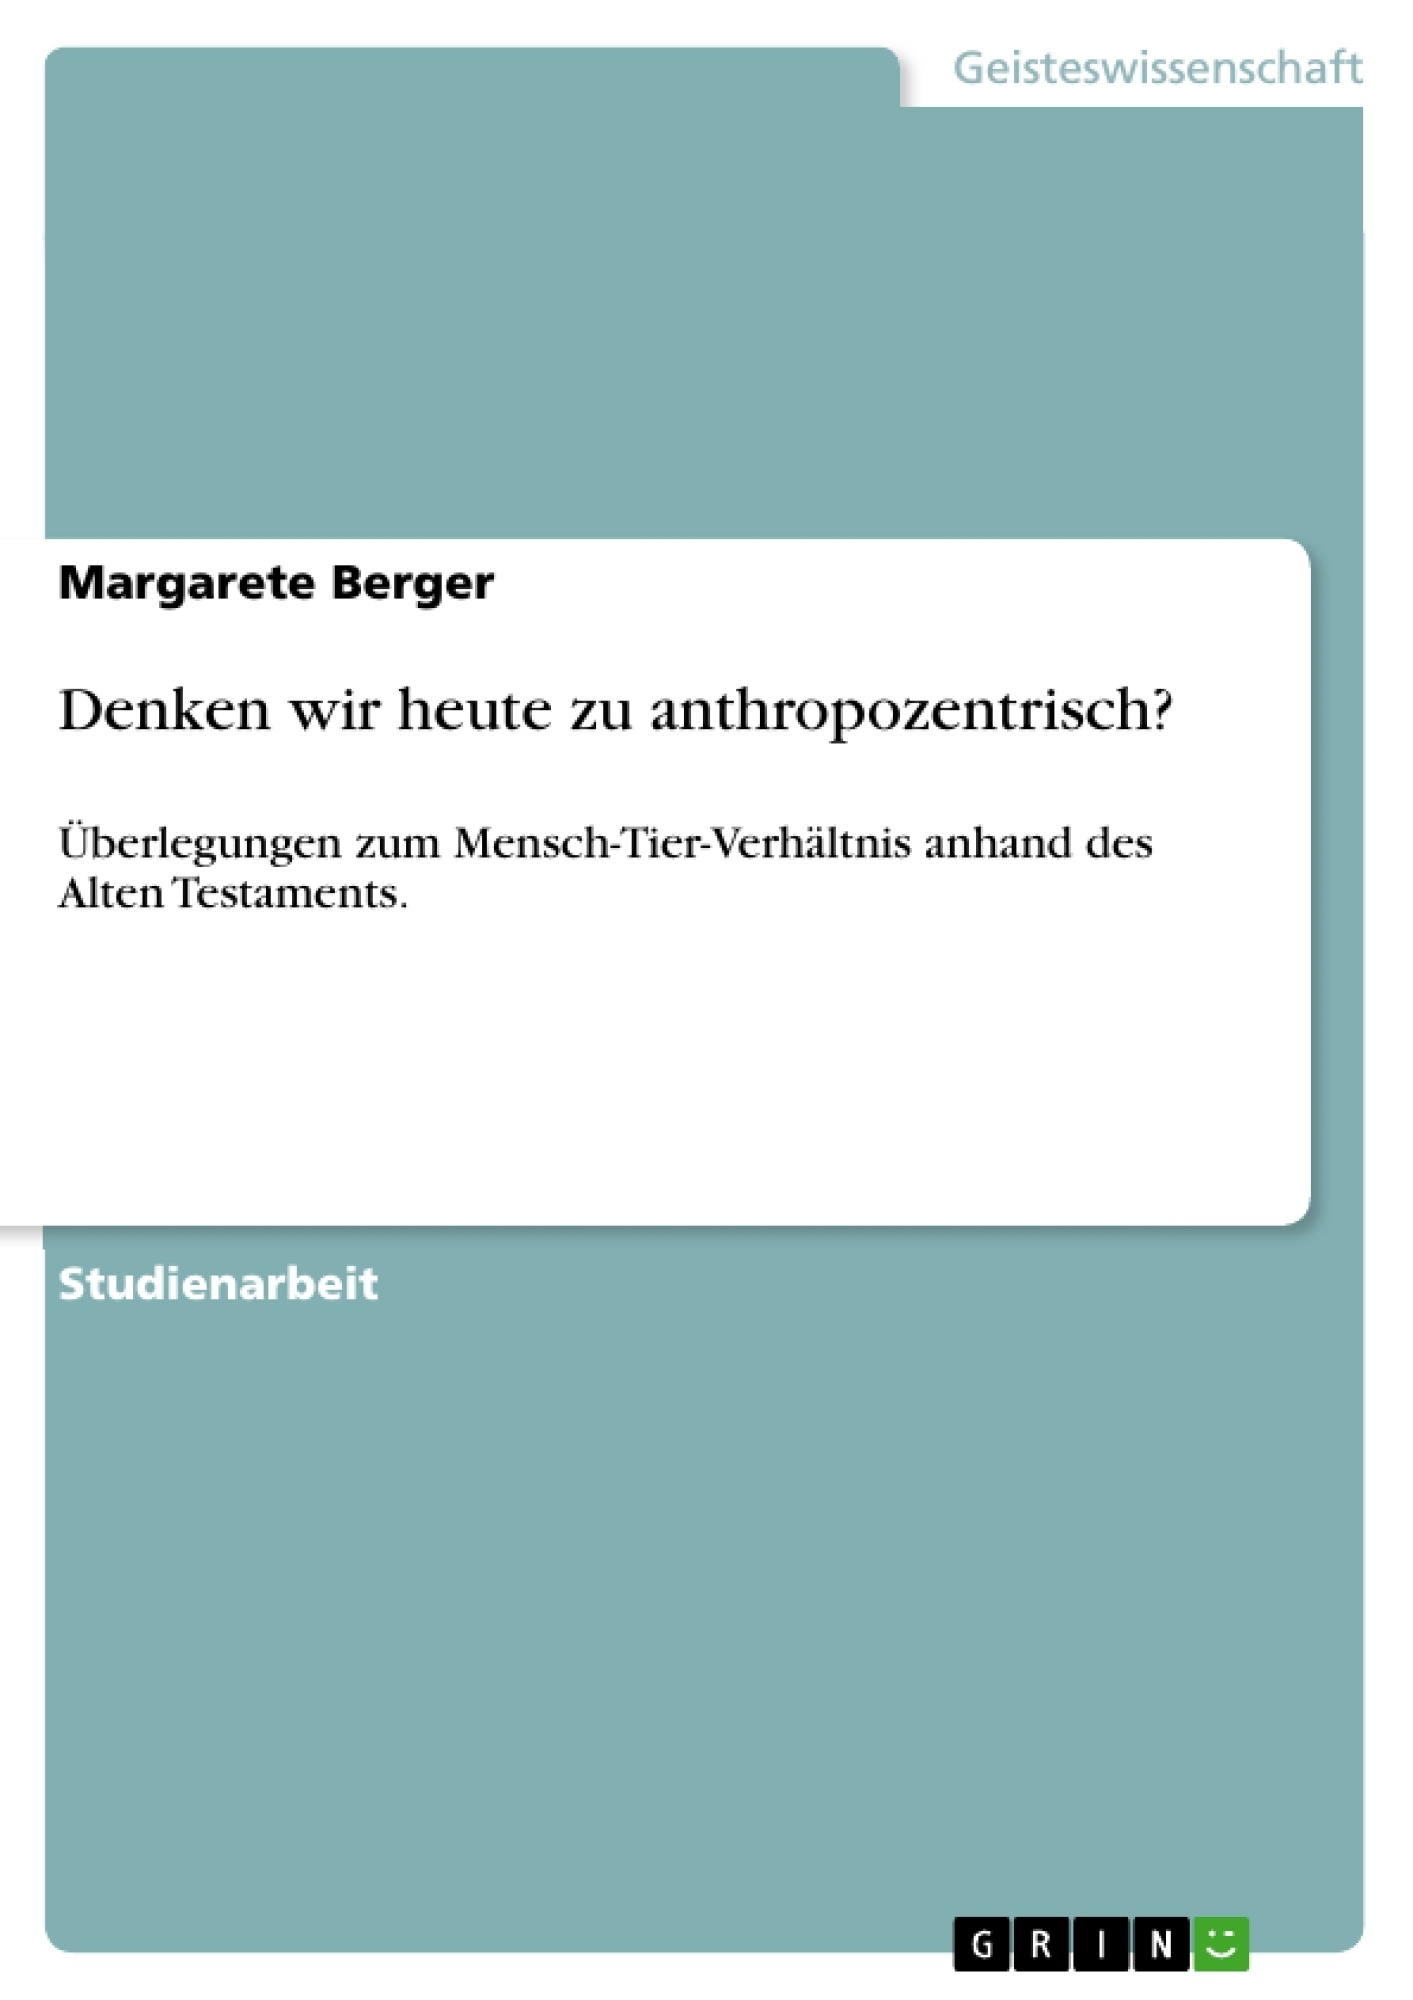 Titel: Denken wir heute zu anthropozentrisch?